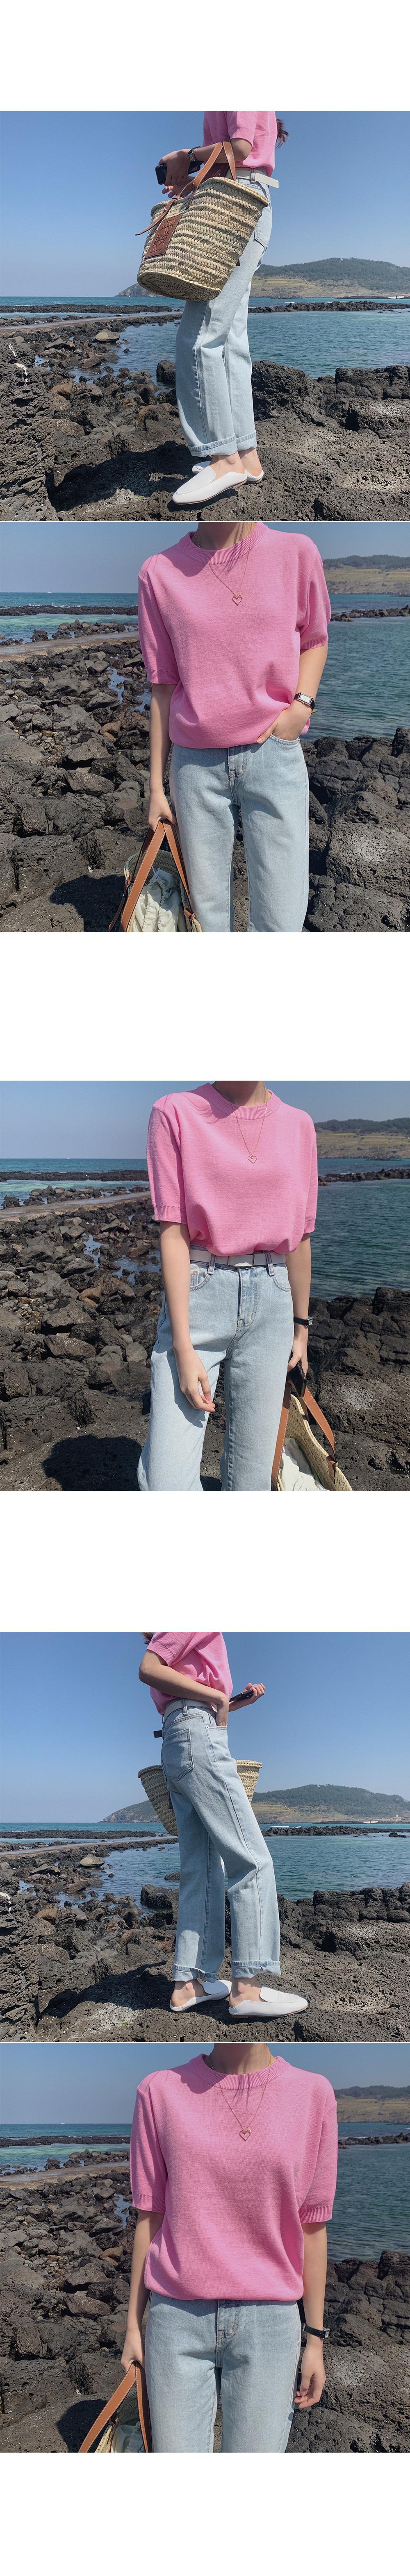 Spurt color short-sleeved knit